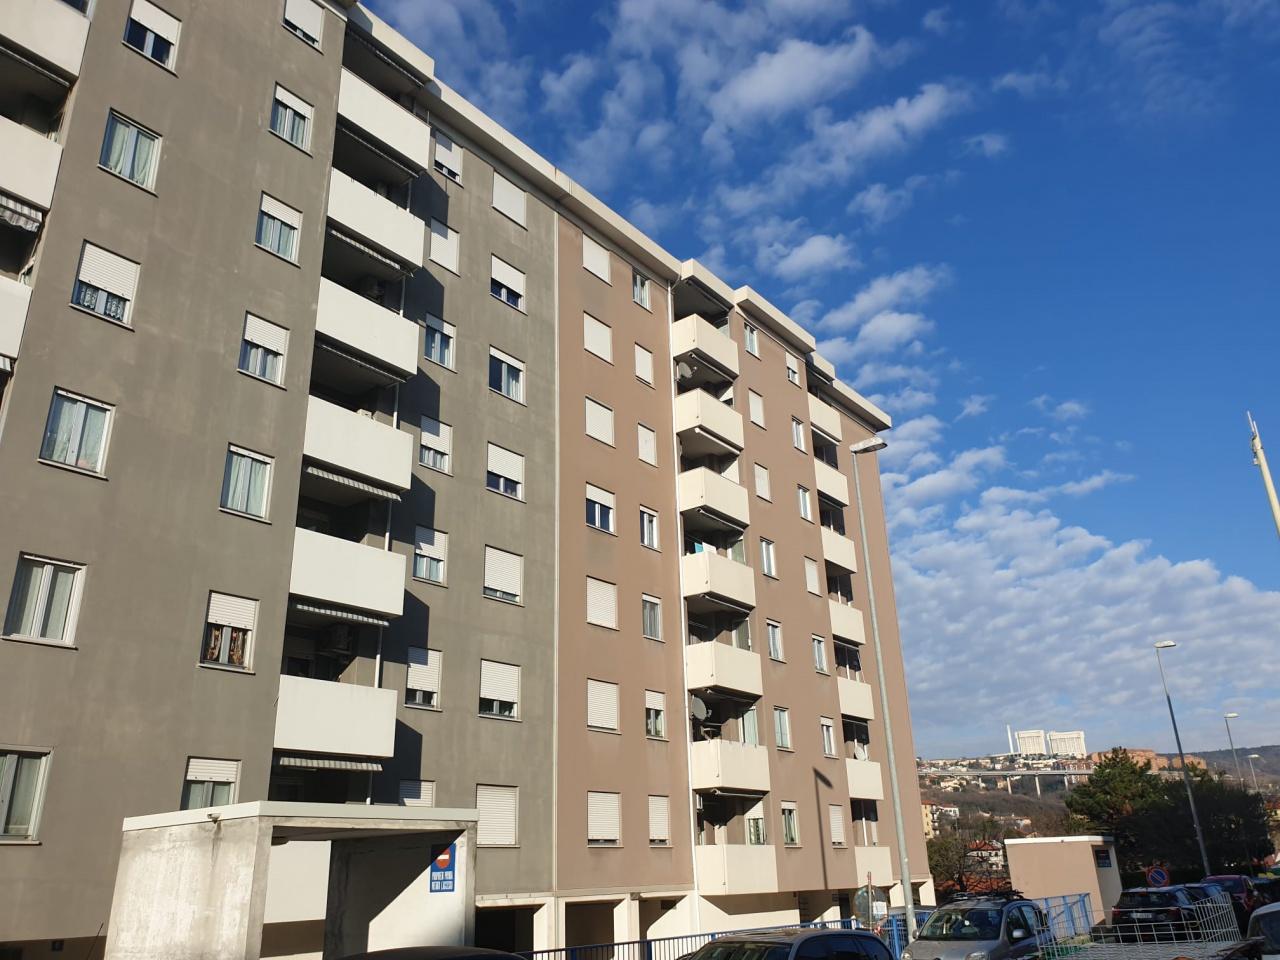 Appartamento in vendita a Trieste, 4 locali, prezzo € 69.000 | PortaleAgenzieImmobiliari.it